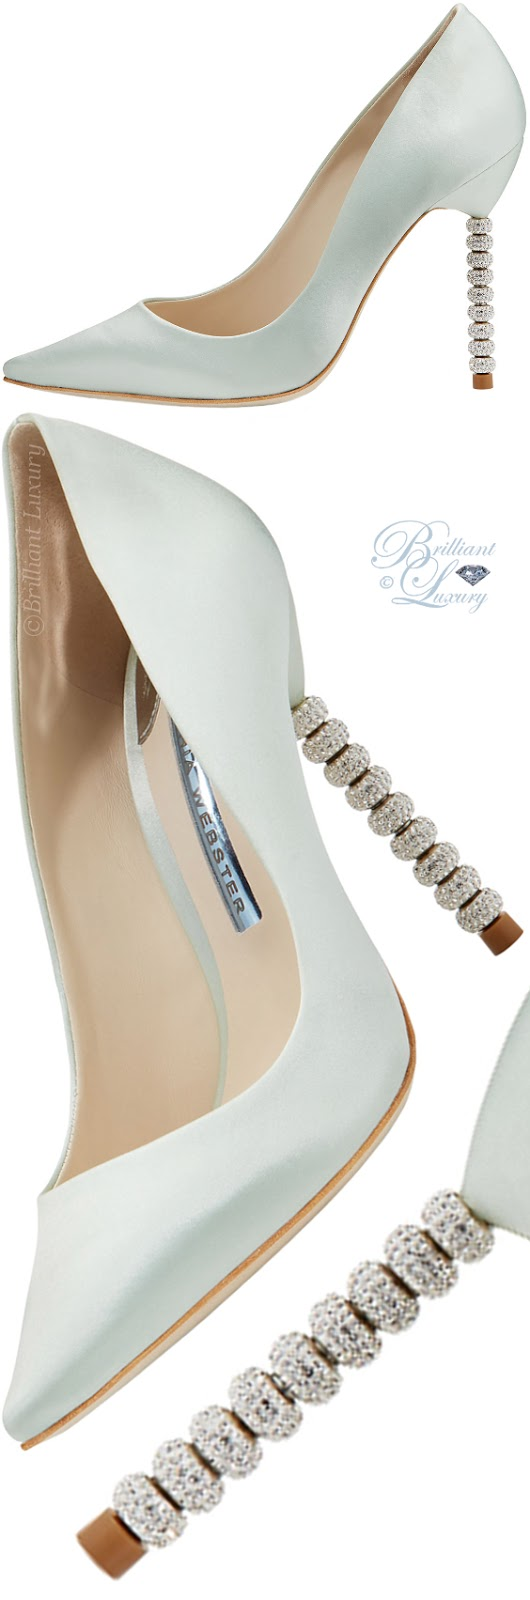 Brilliant Luxury ♦ Sophia Webster Coco blue satin crystal-heel bridal pumps